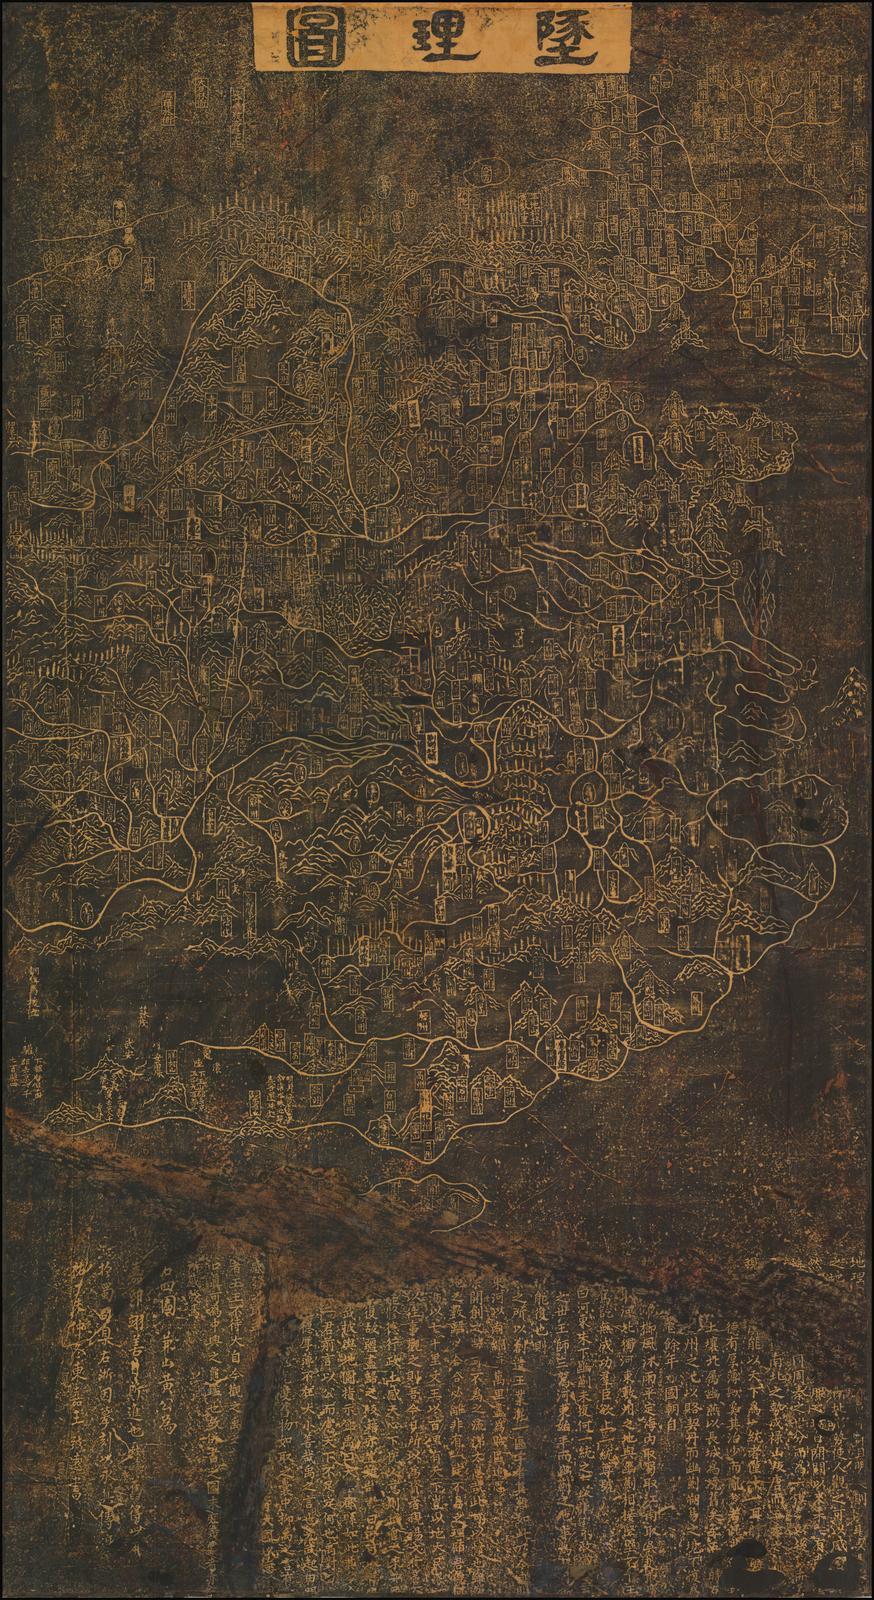 Самая ранняя из известных карт Китая